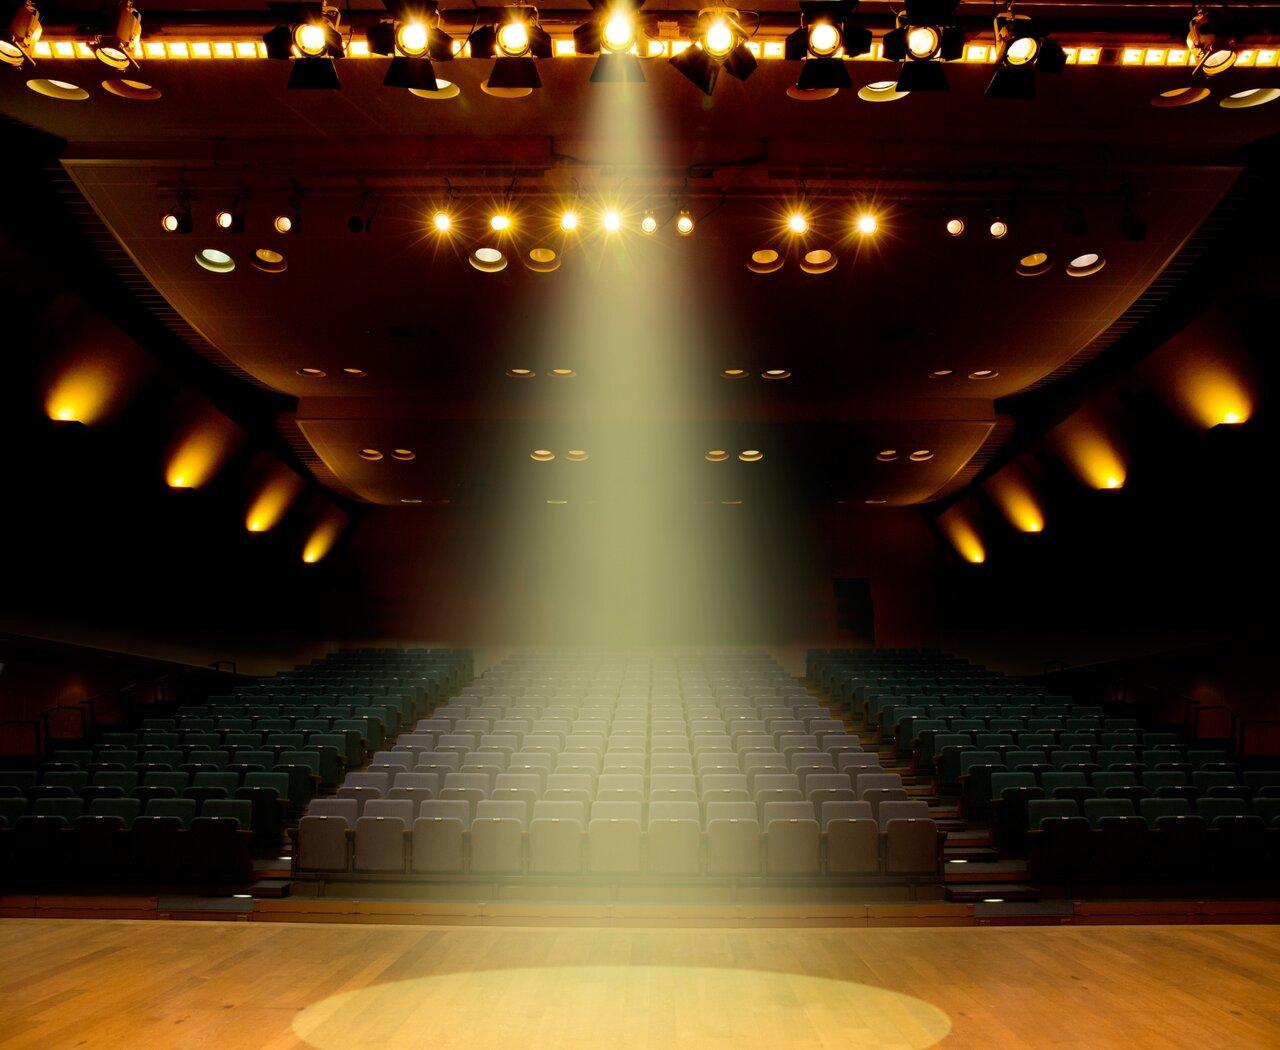 松本潤、嵐のコンサート演出で心がけていること明かす「嵐5人が好きな人ももちろんいるけど…」